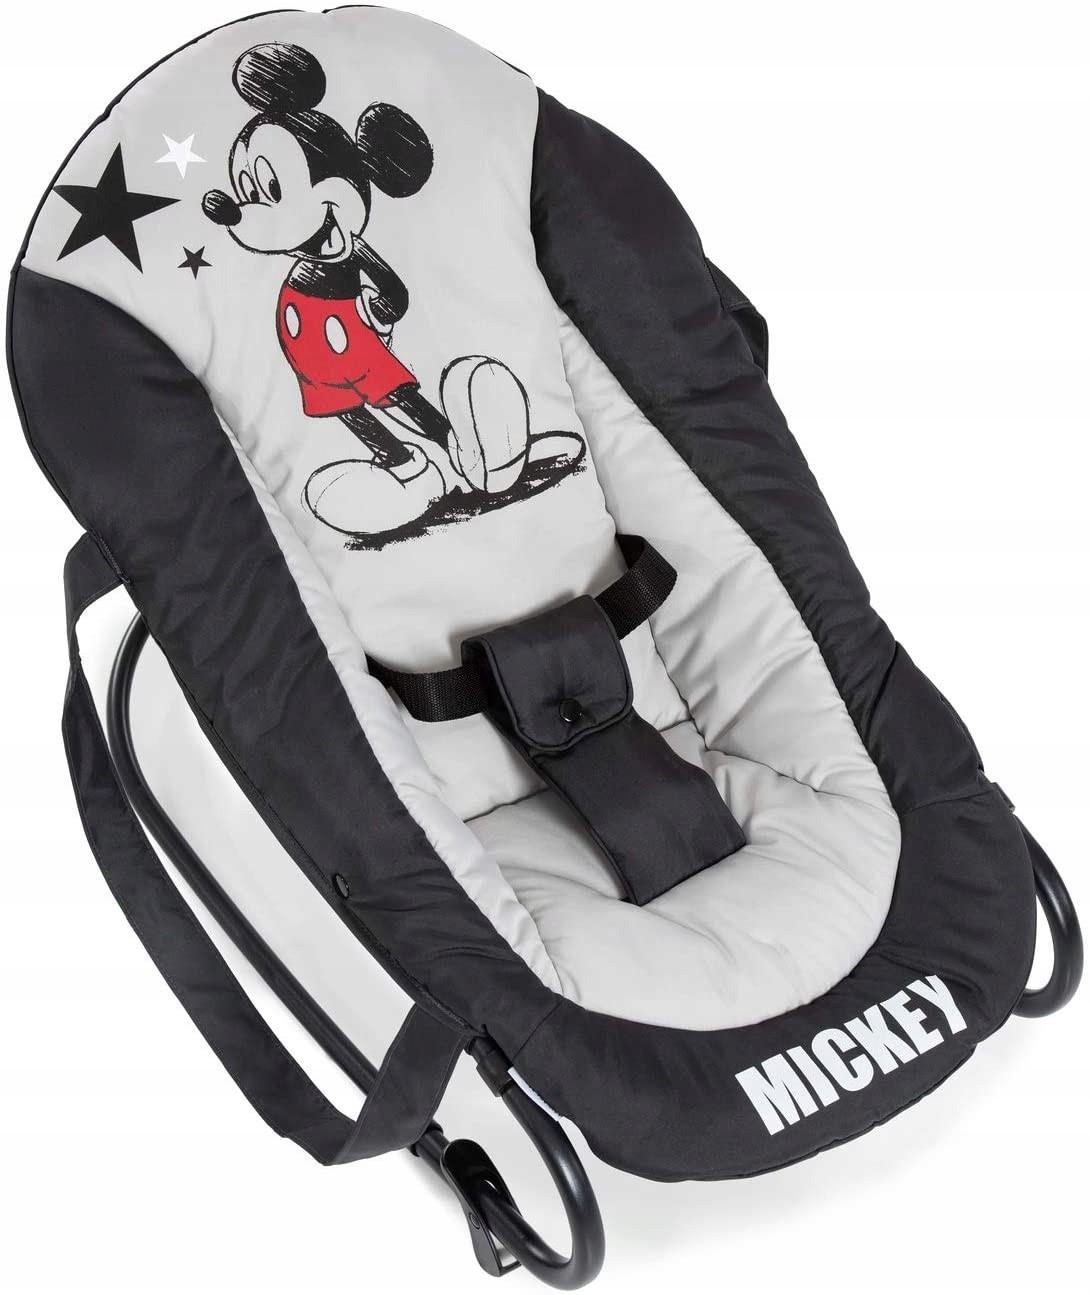 Hauck Leżaczek niemowlęcy Rocky Mickey Disney 0-9